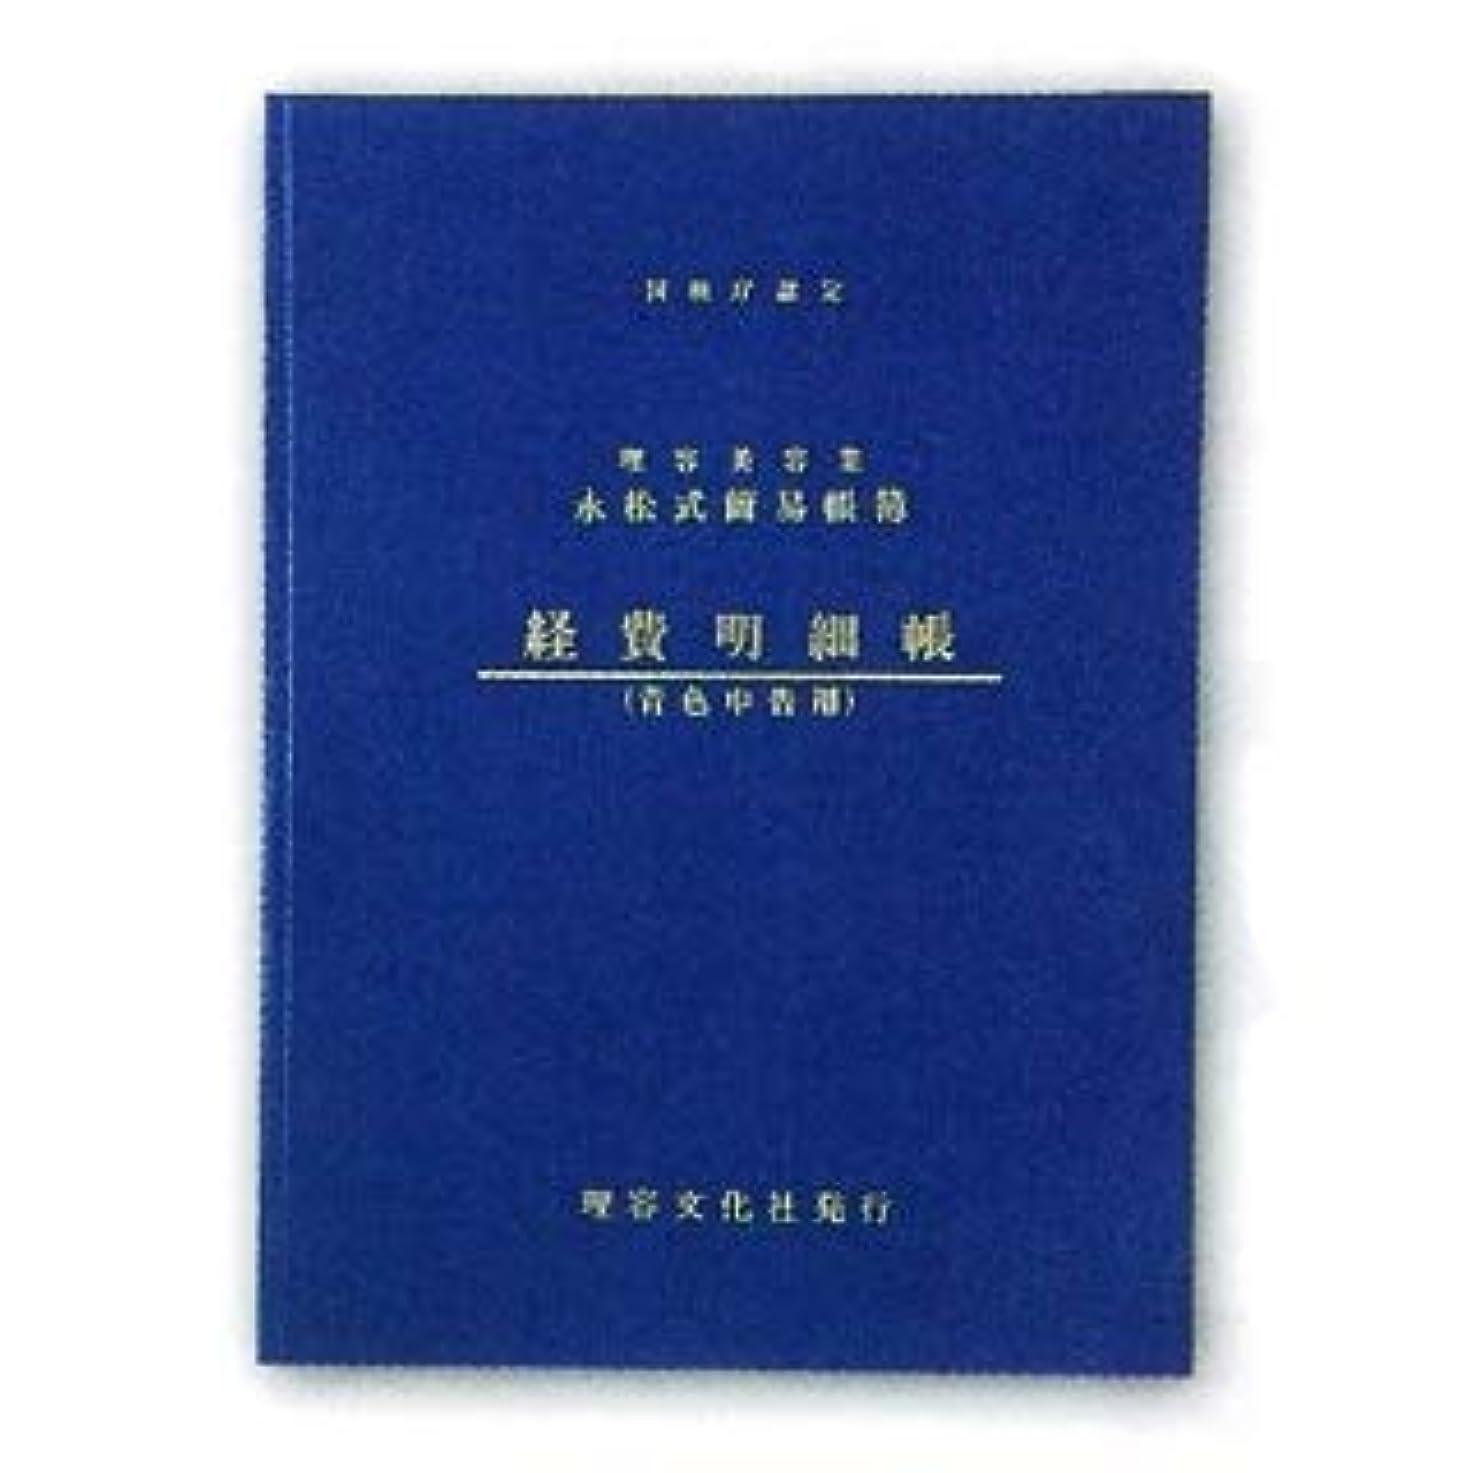 間違えたオペラ魅惑的な永松式簡易帳簿 経費明細帳(青色申告用)